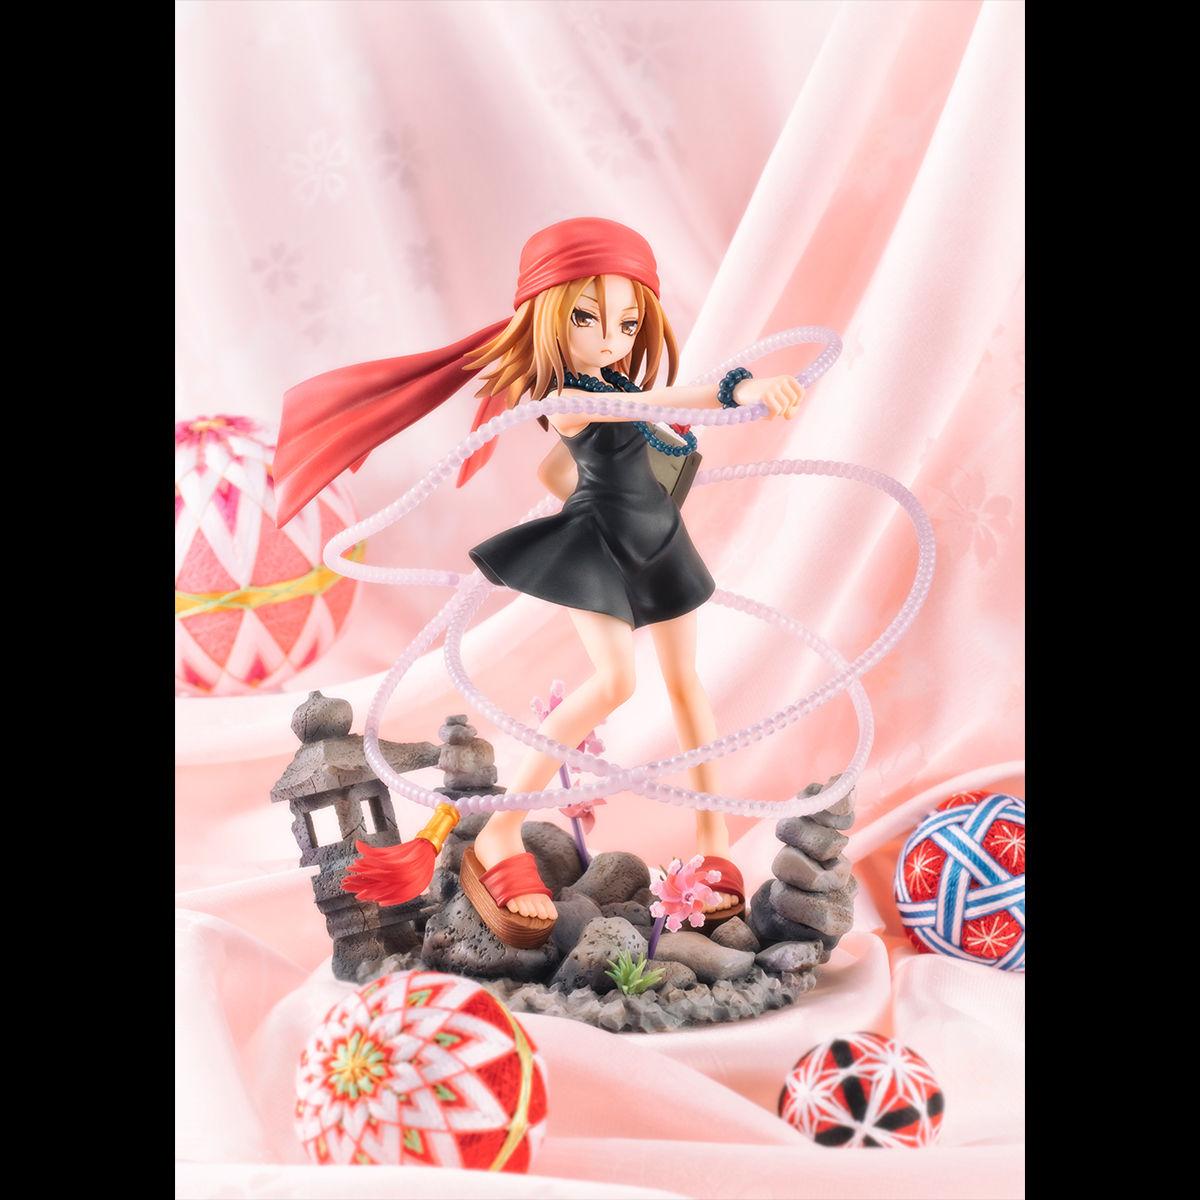 【限定販売】Lucrea ルクリア『恐山アンナ』SHAMAN KING 完成品フィギュア-008